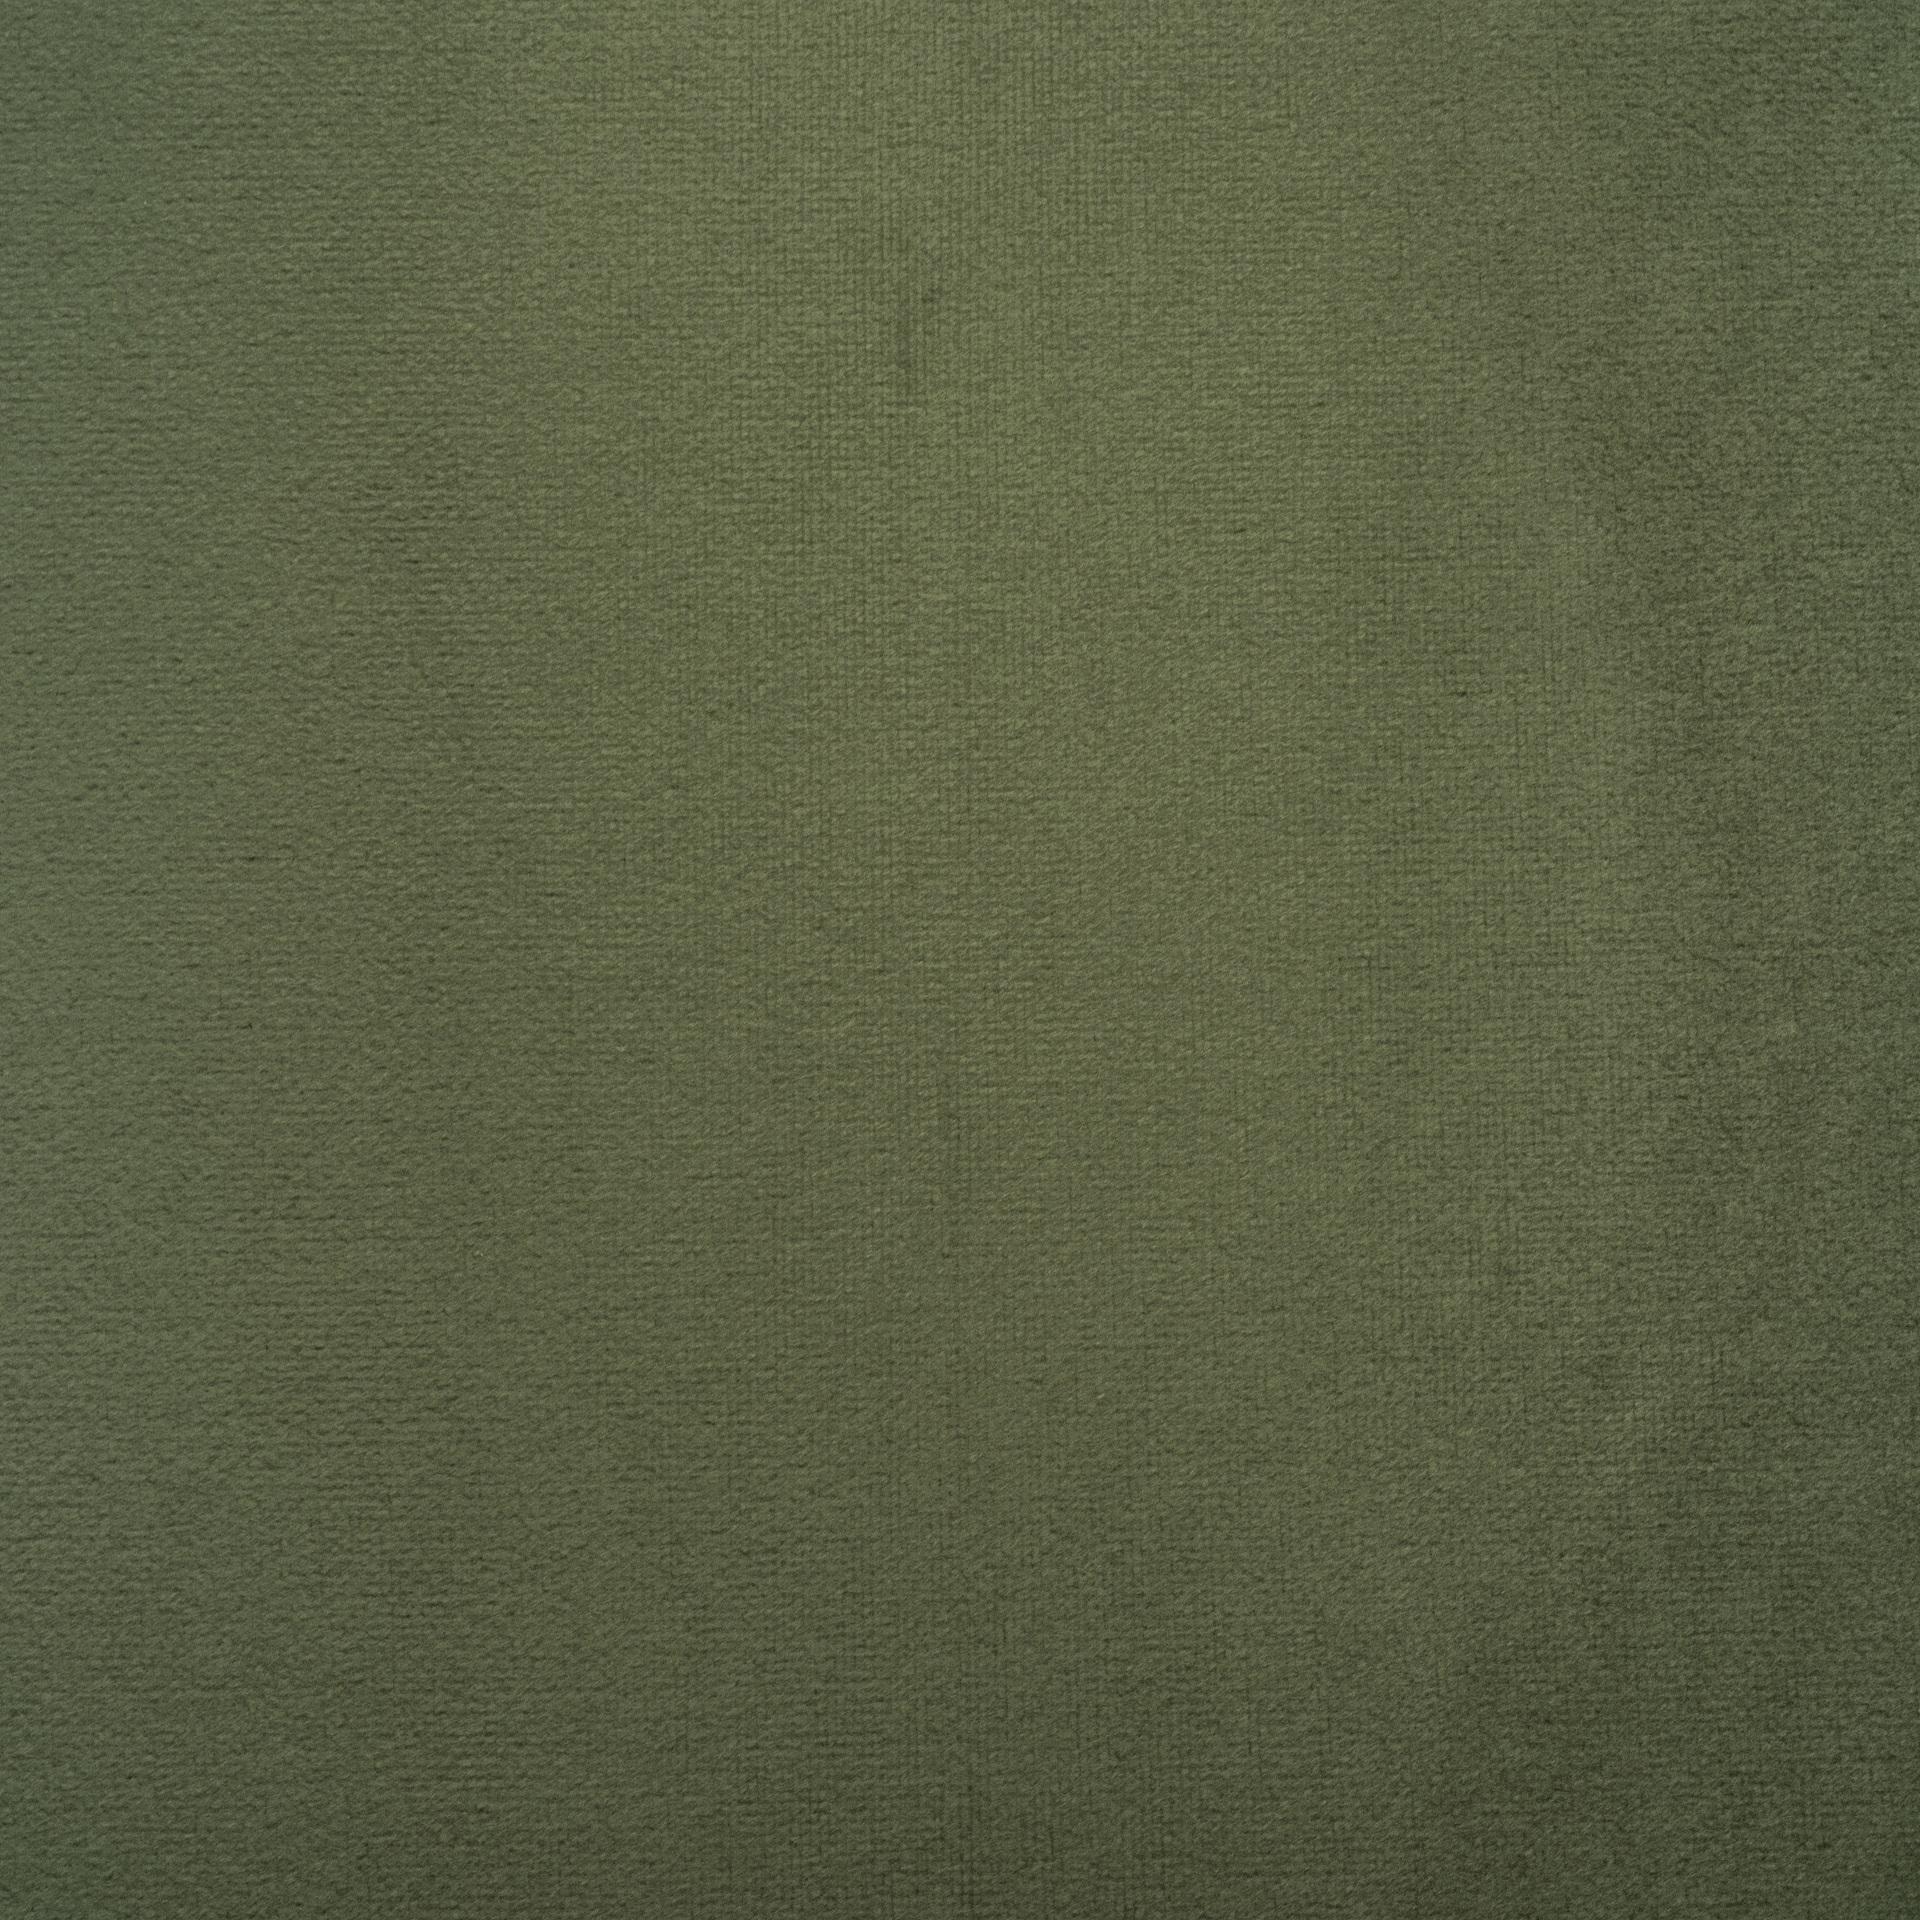 Коллекция ткани Багира 36 DARK GREEN,  купить ткань Велюр для мебели Украина